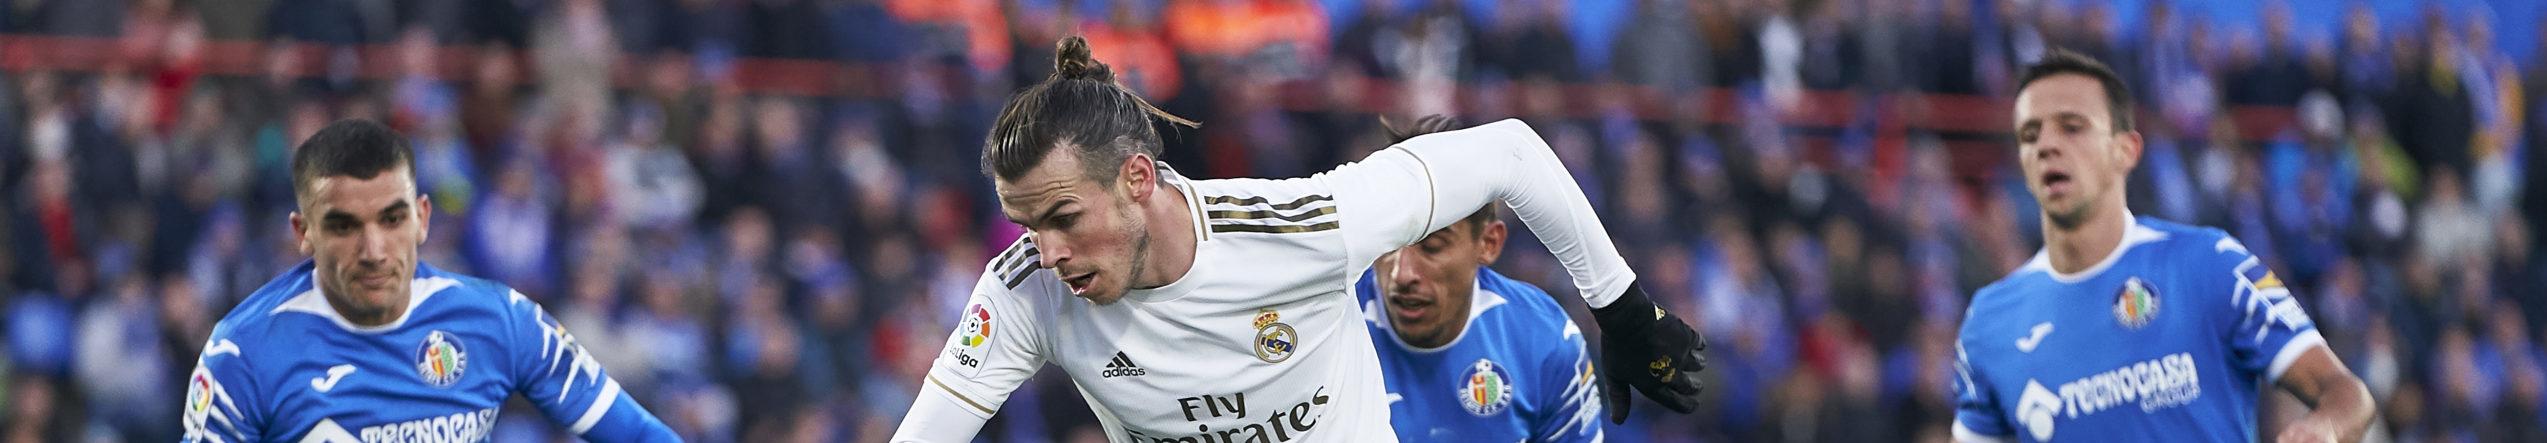 Real Madrid-Getafe: c'è chi gioca per il titolo e chi per la Champions